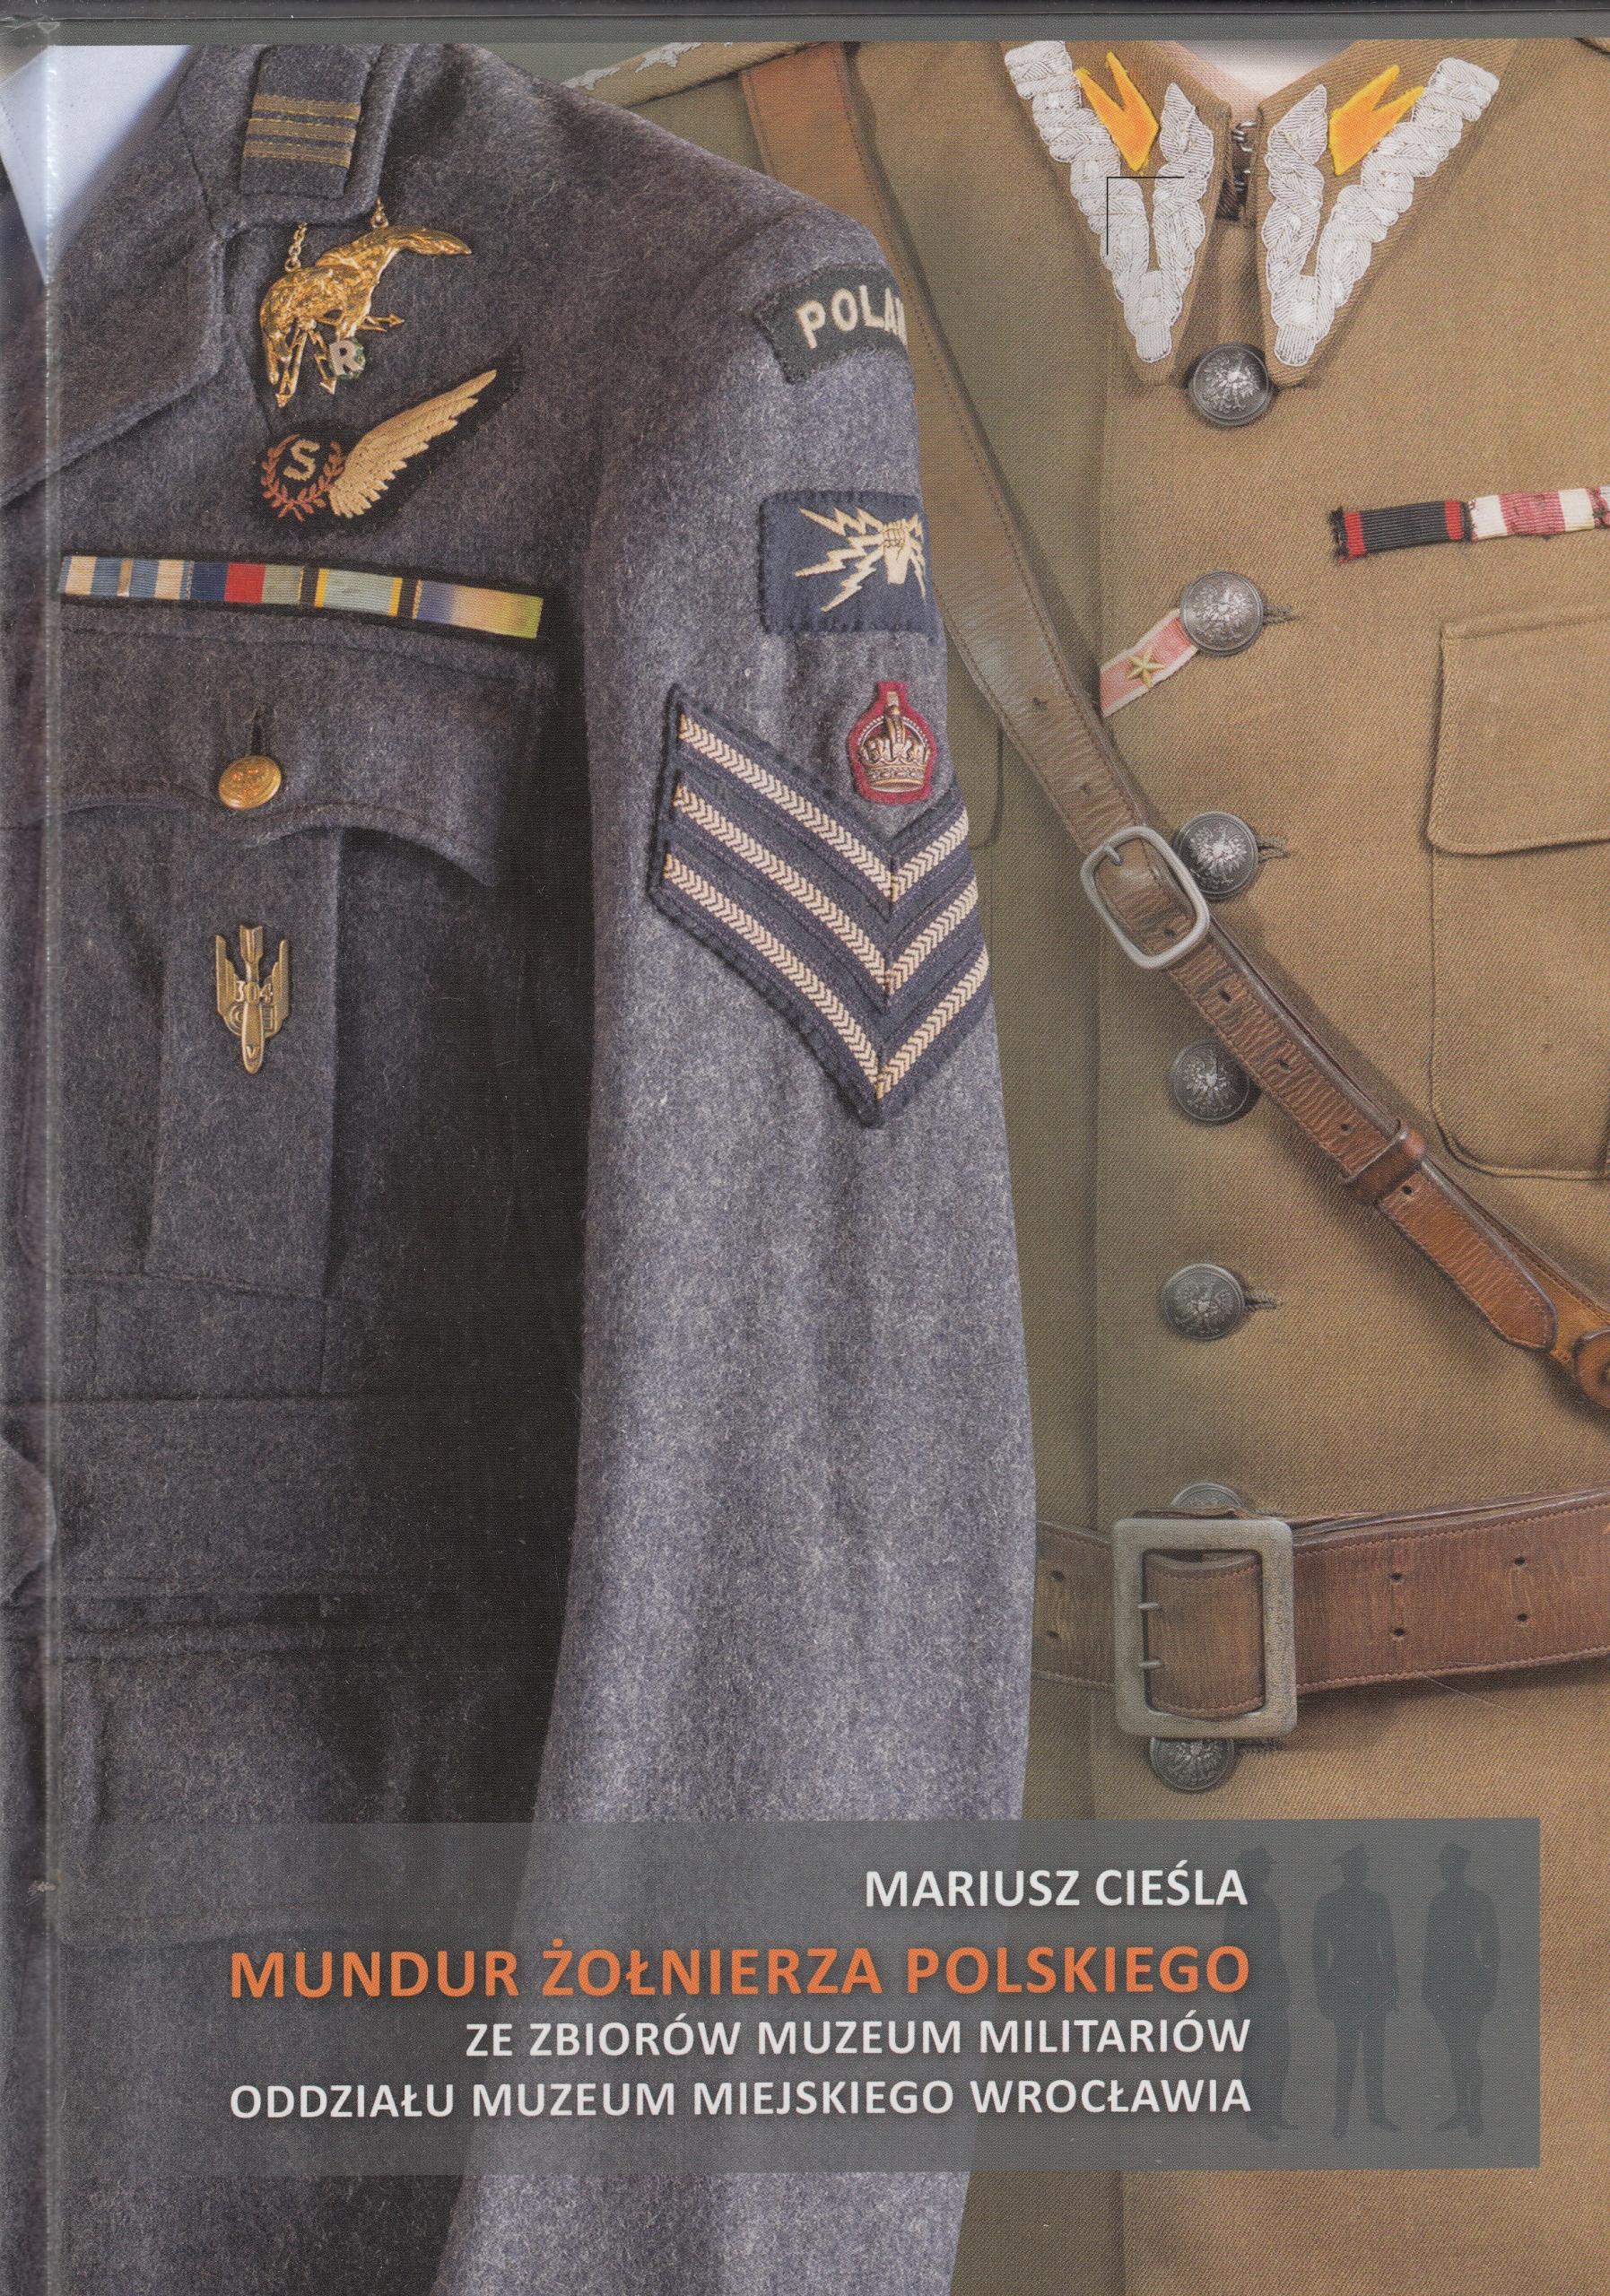 Каталог коллекции униформы польского солдата